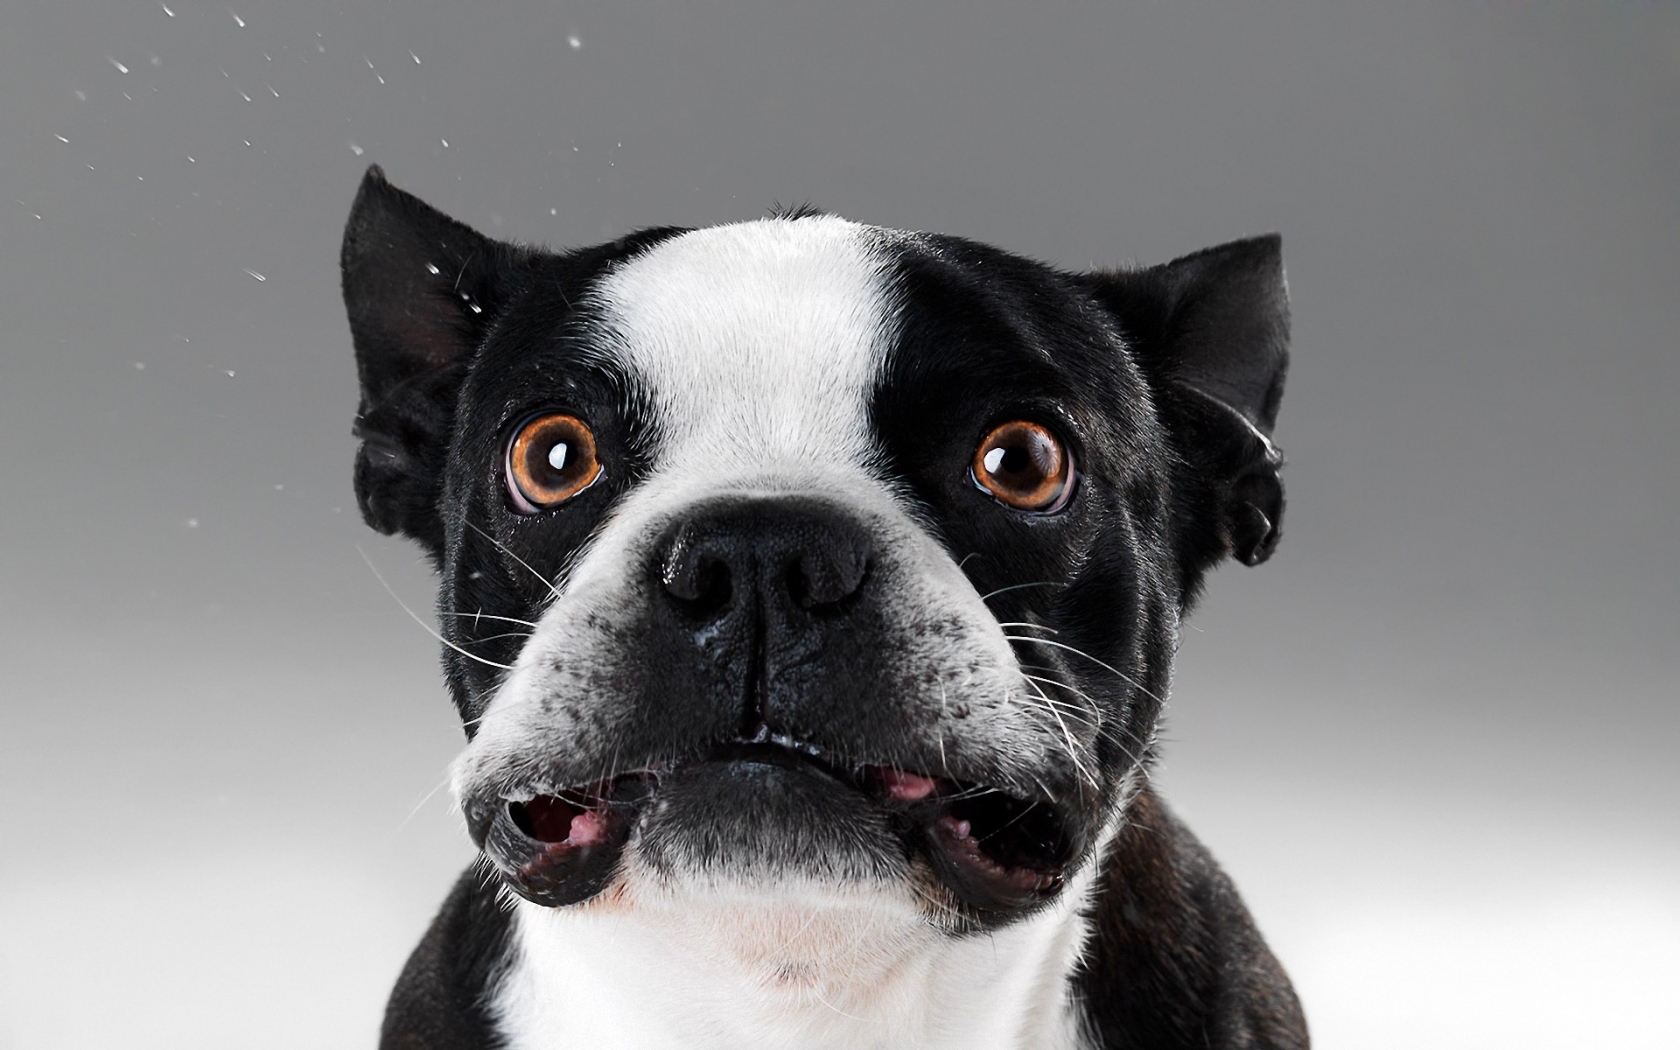 Caras de perros - 1680x1050